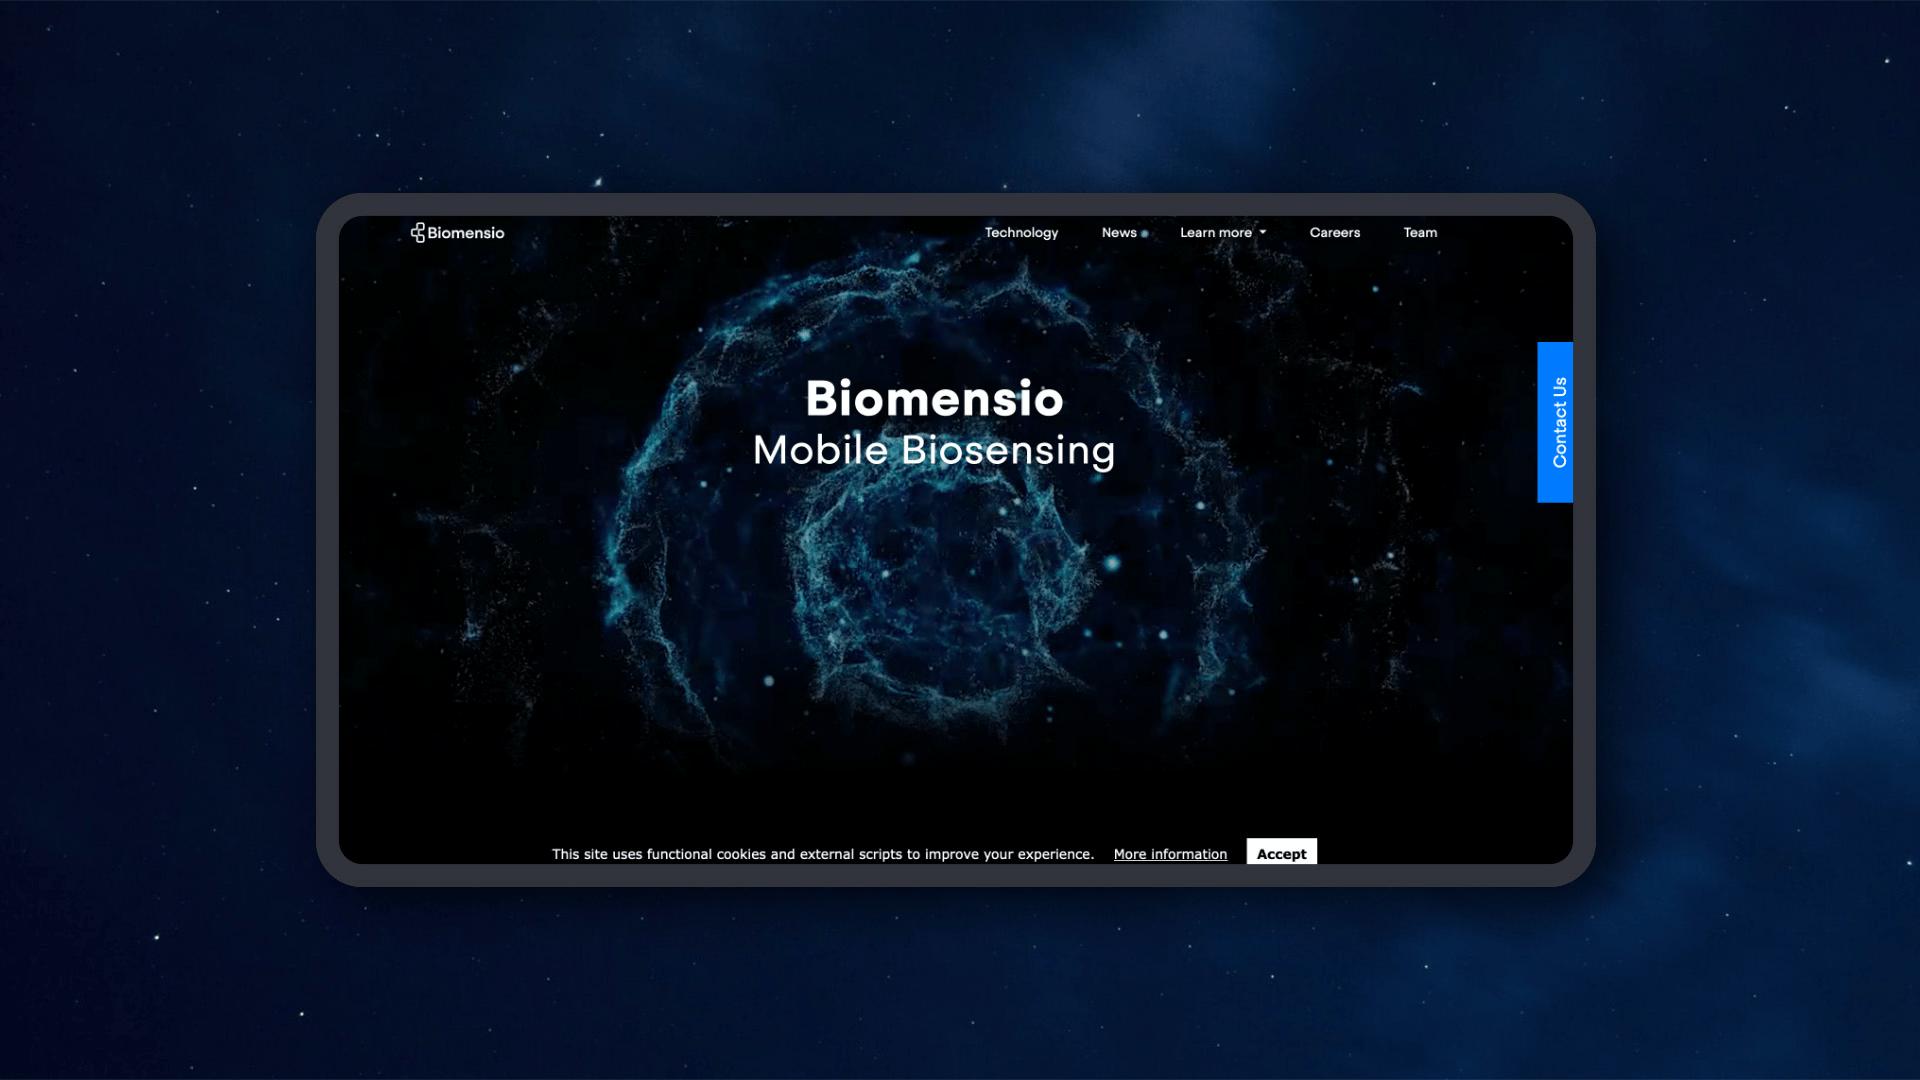 Biomensio